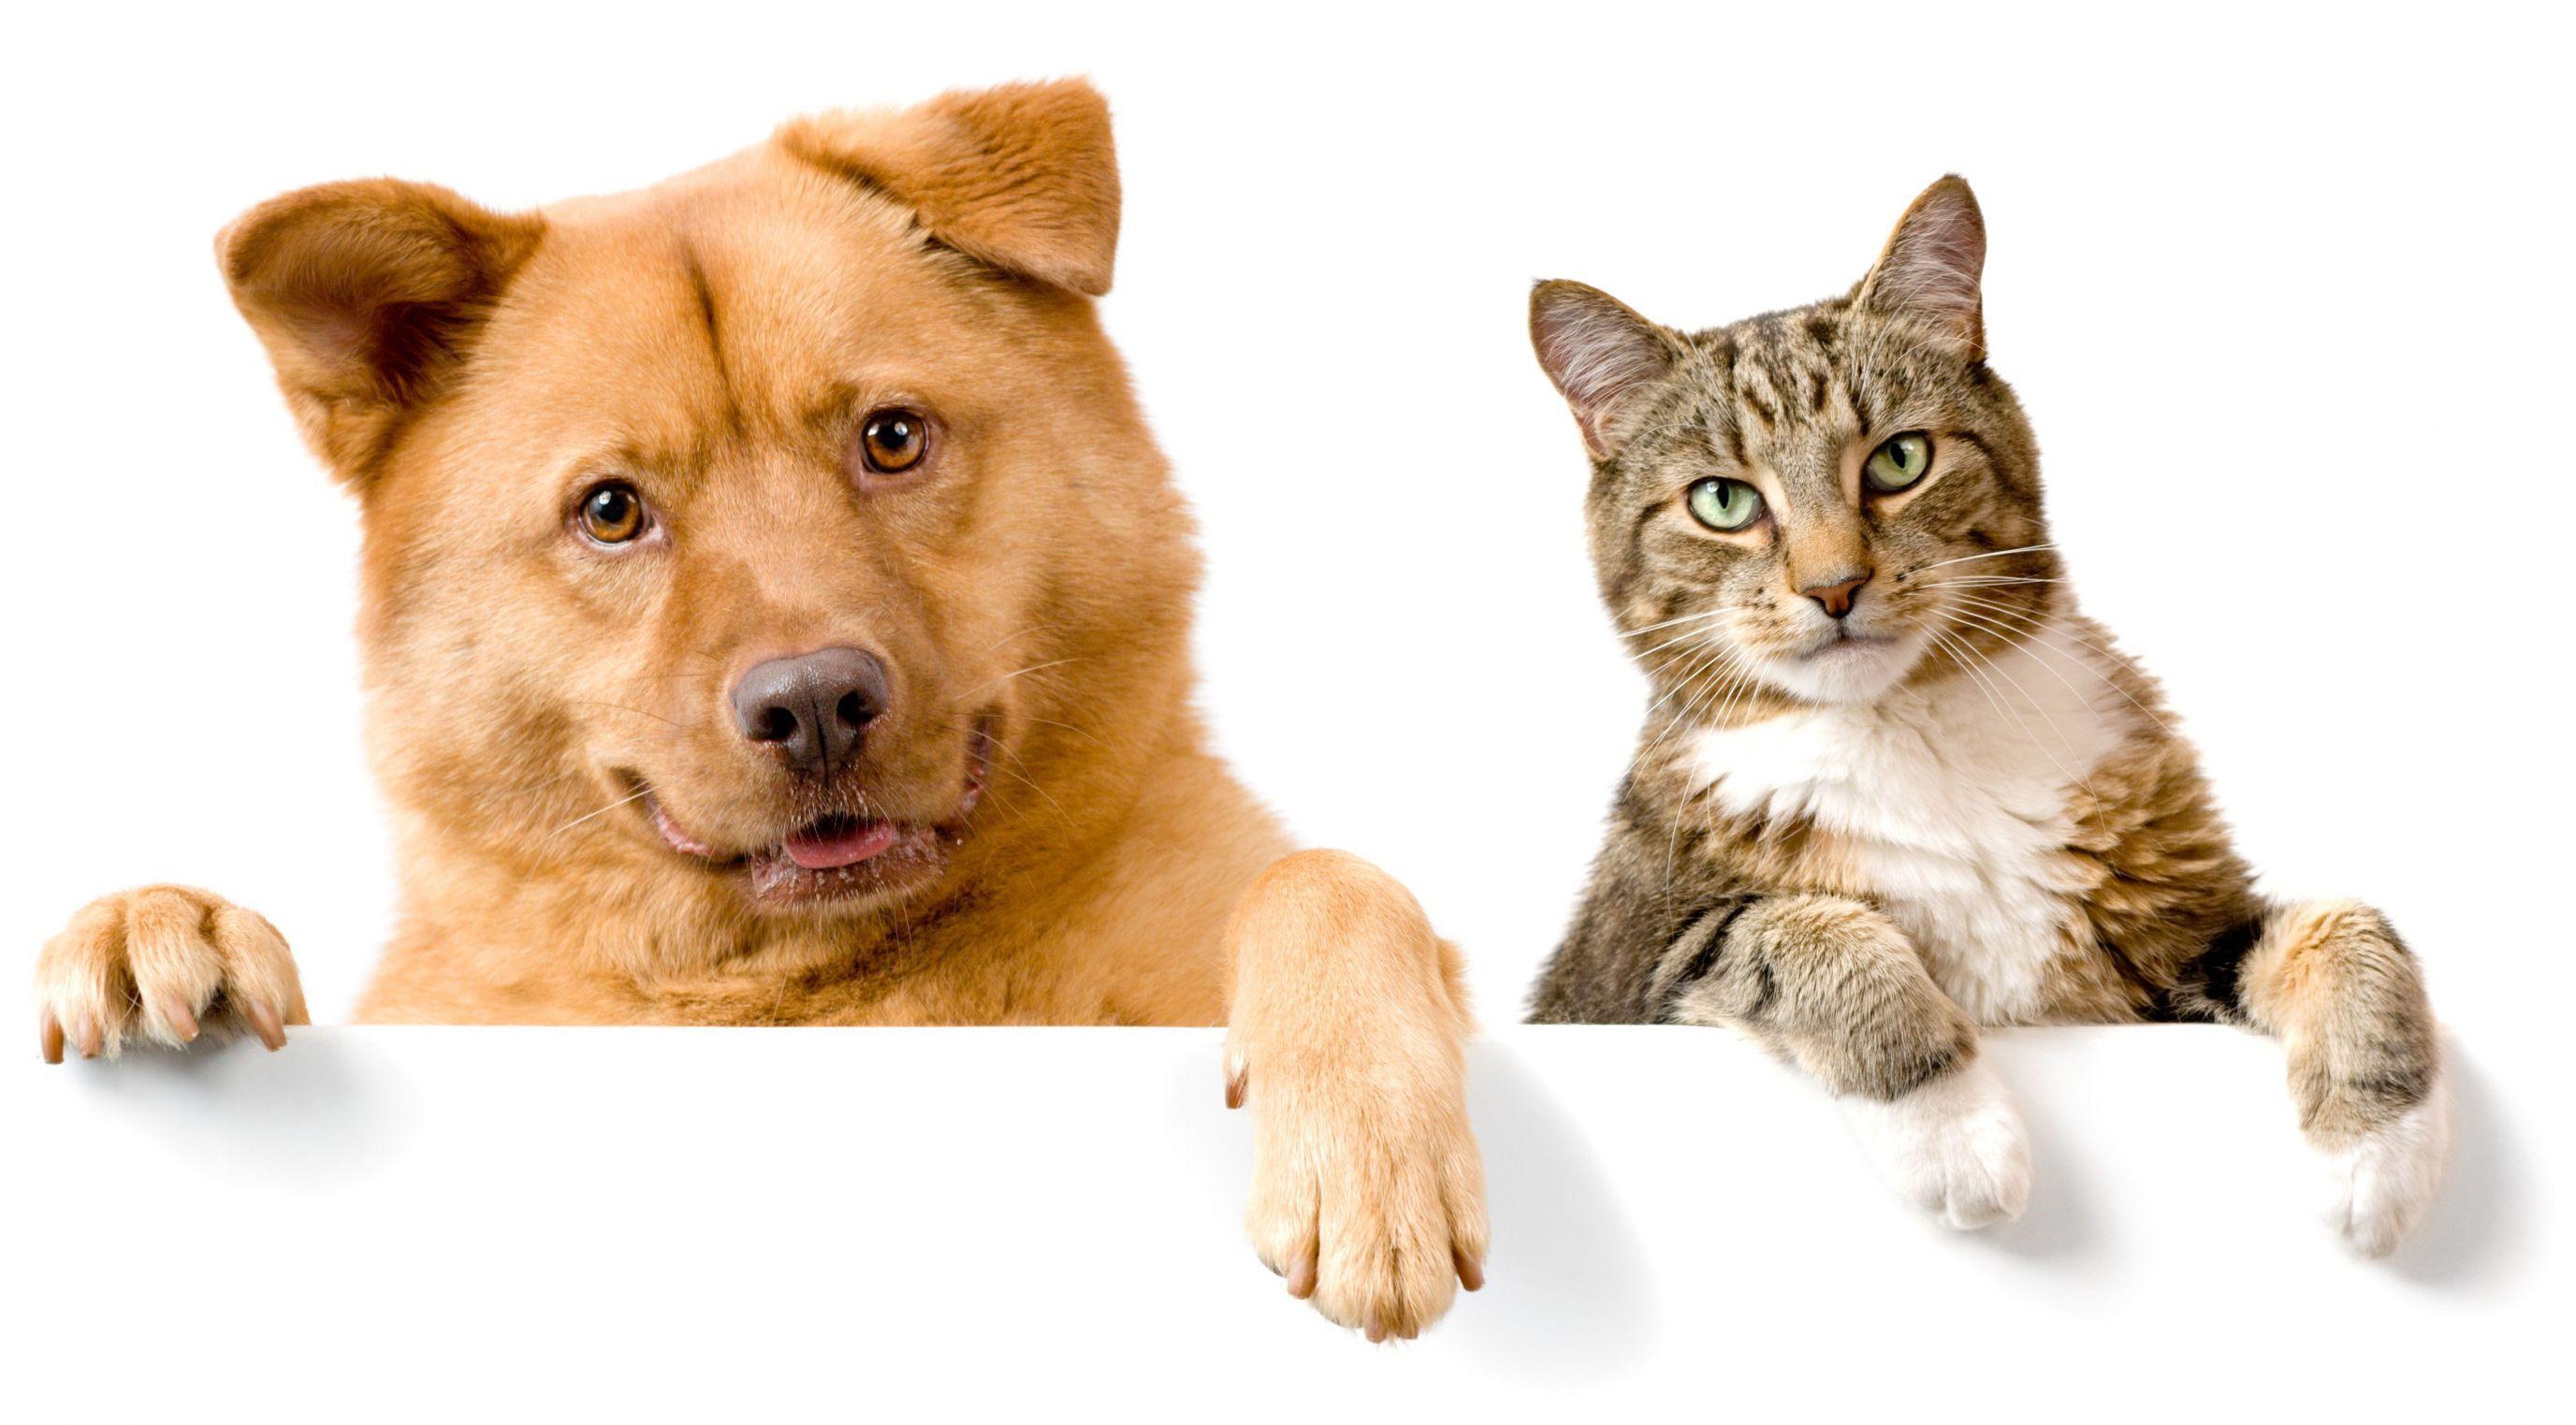 ¿Qué mascota prefieres?